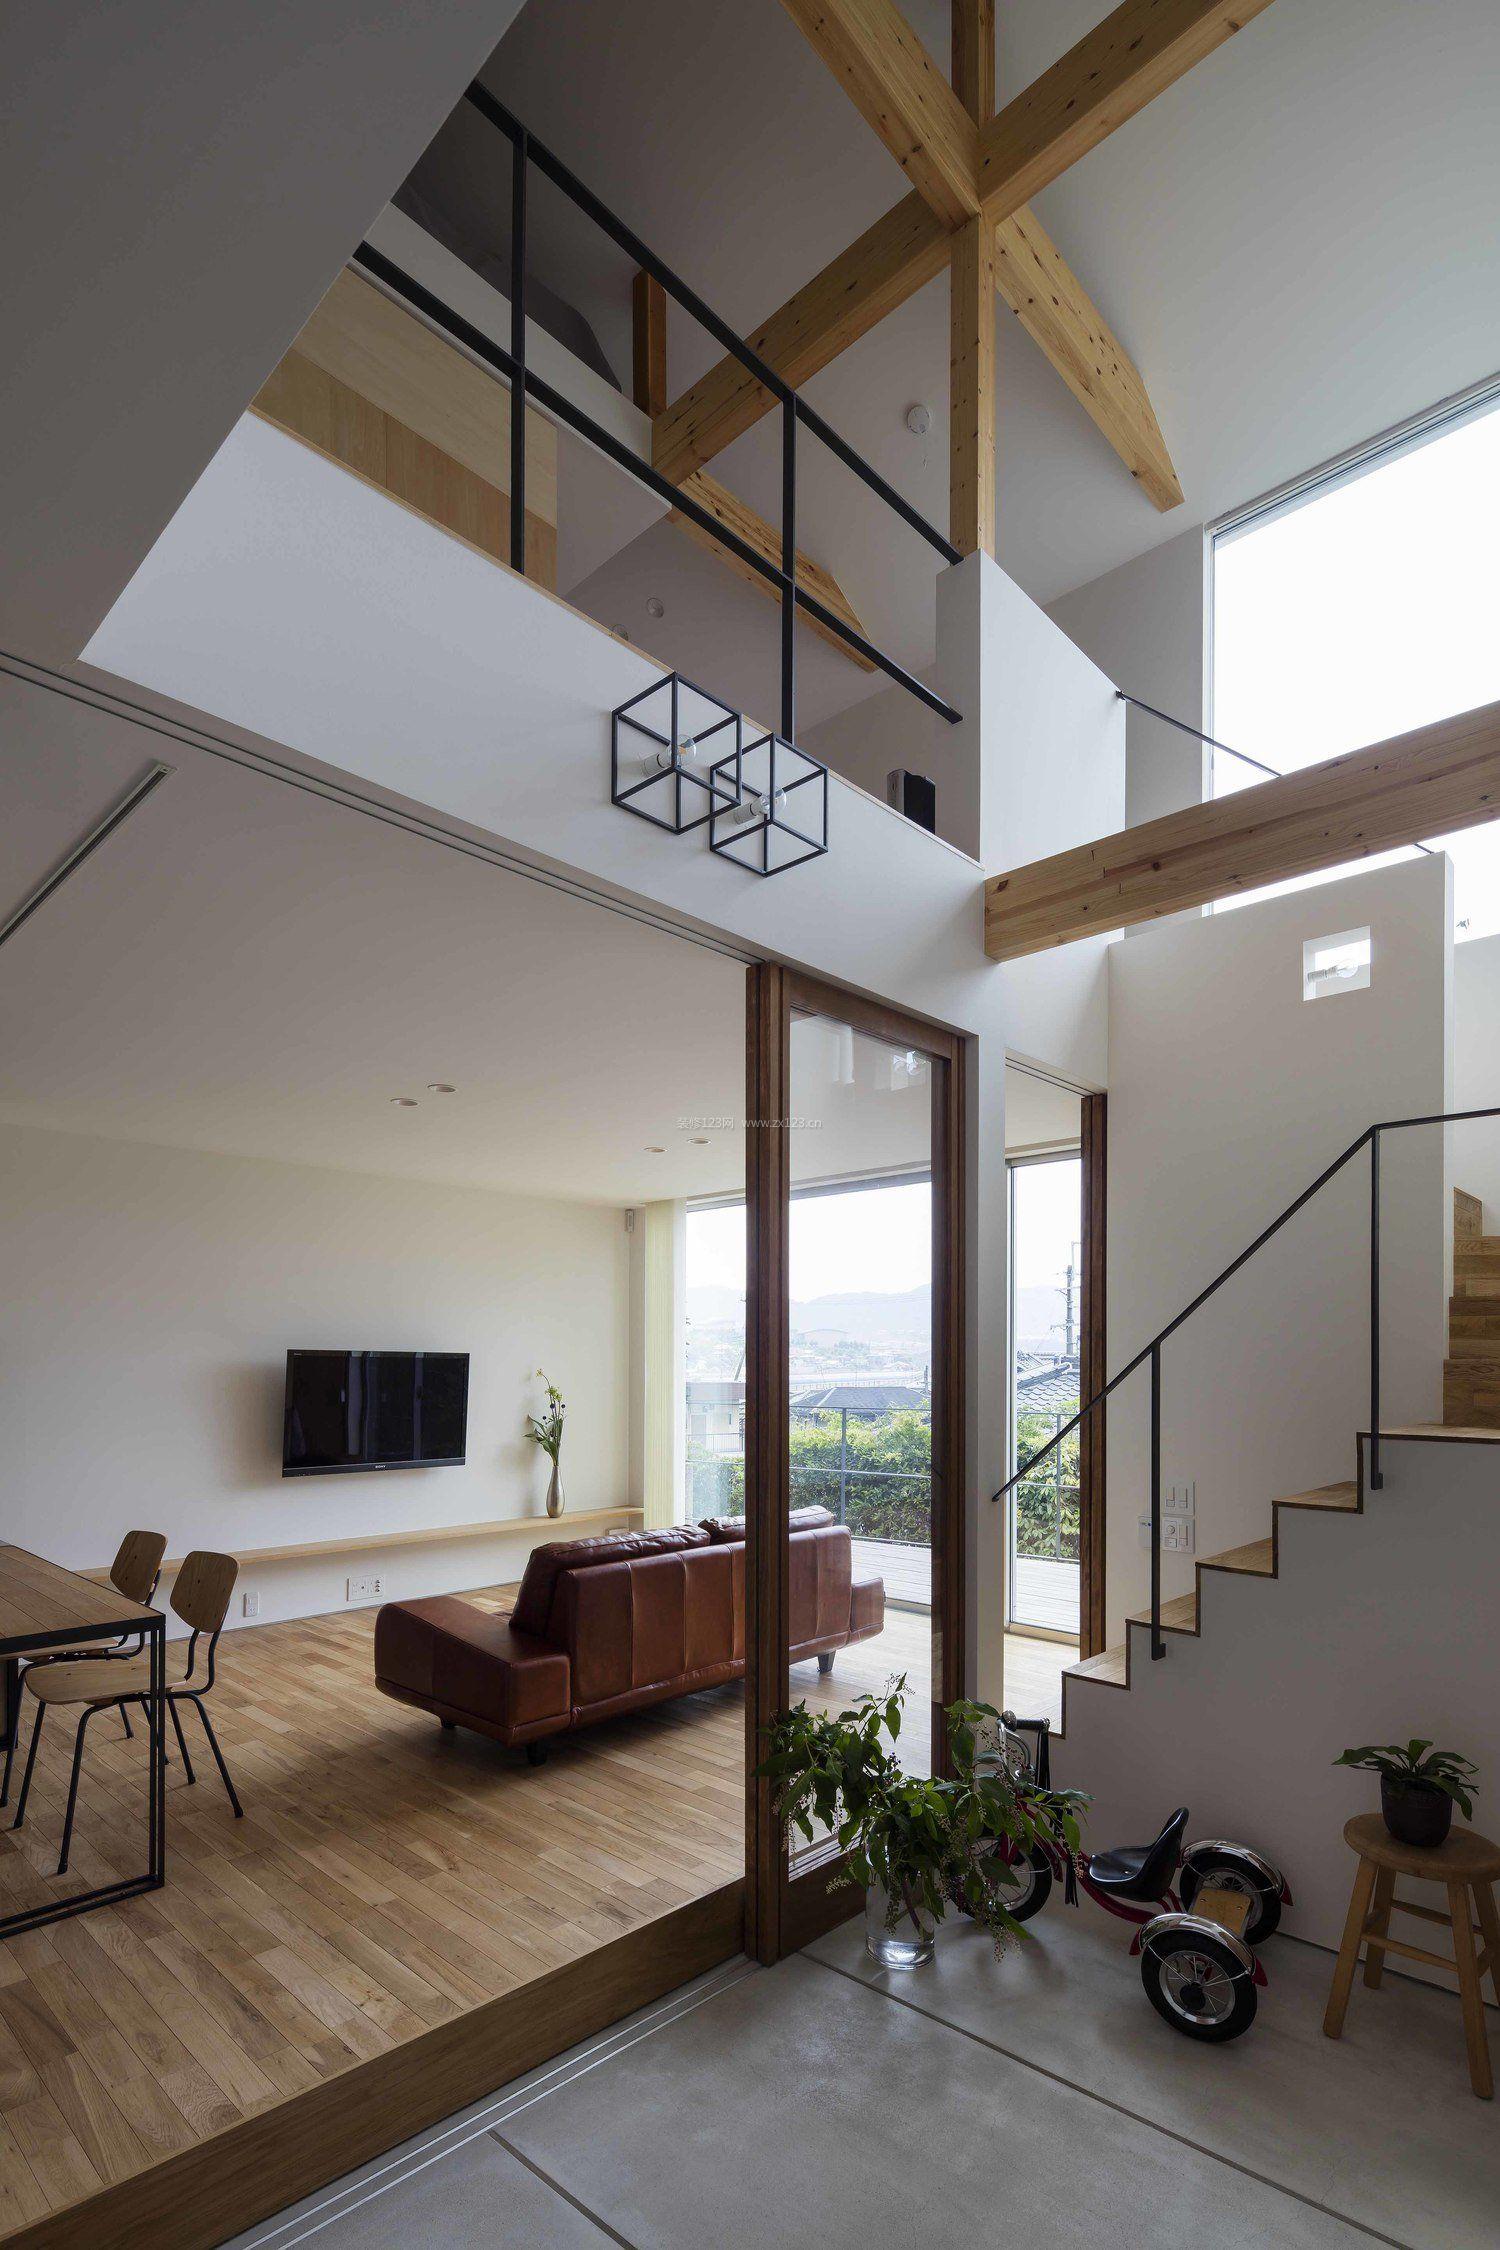 别墅复式楼斜顶阁楼装饰装修效果图片